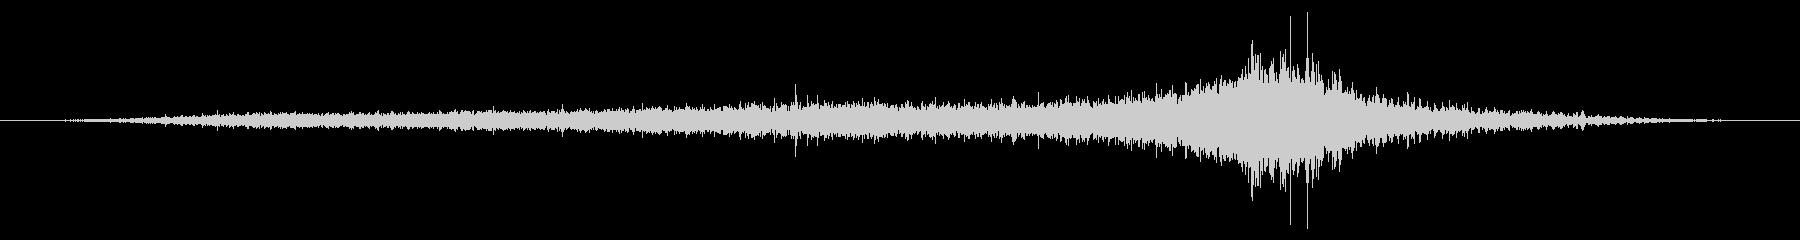 古いピックアップトラック:Ext:...の未再生の波形